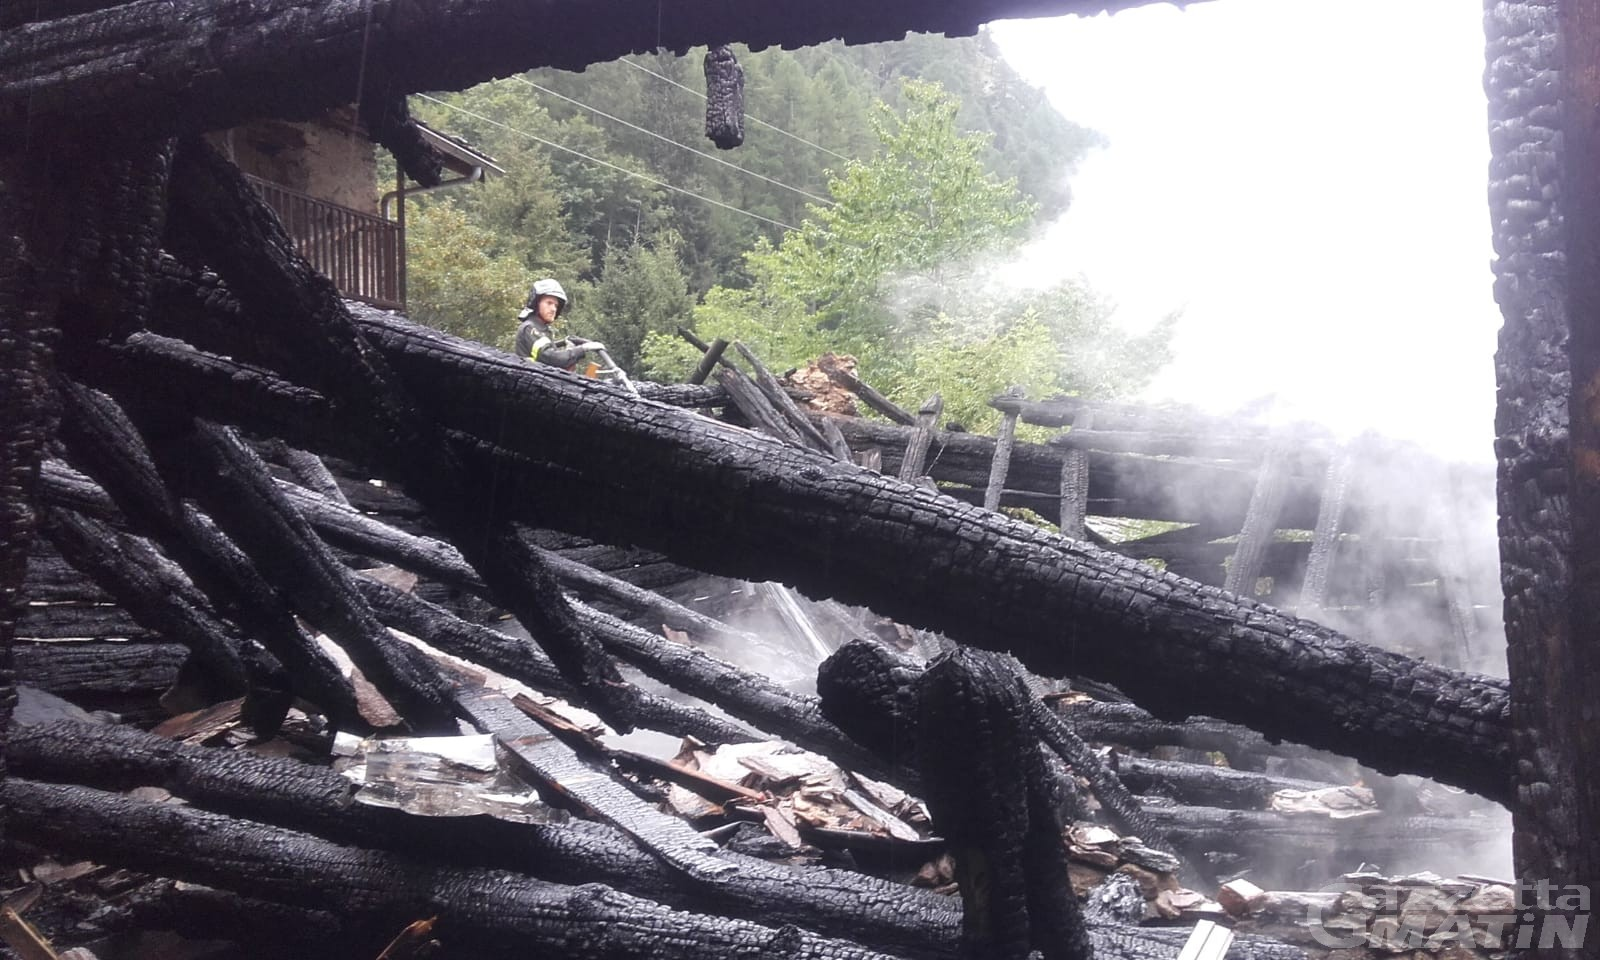 Rogo rascard a Valsavarenche: ancora dubbi sulle cause